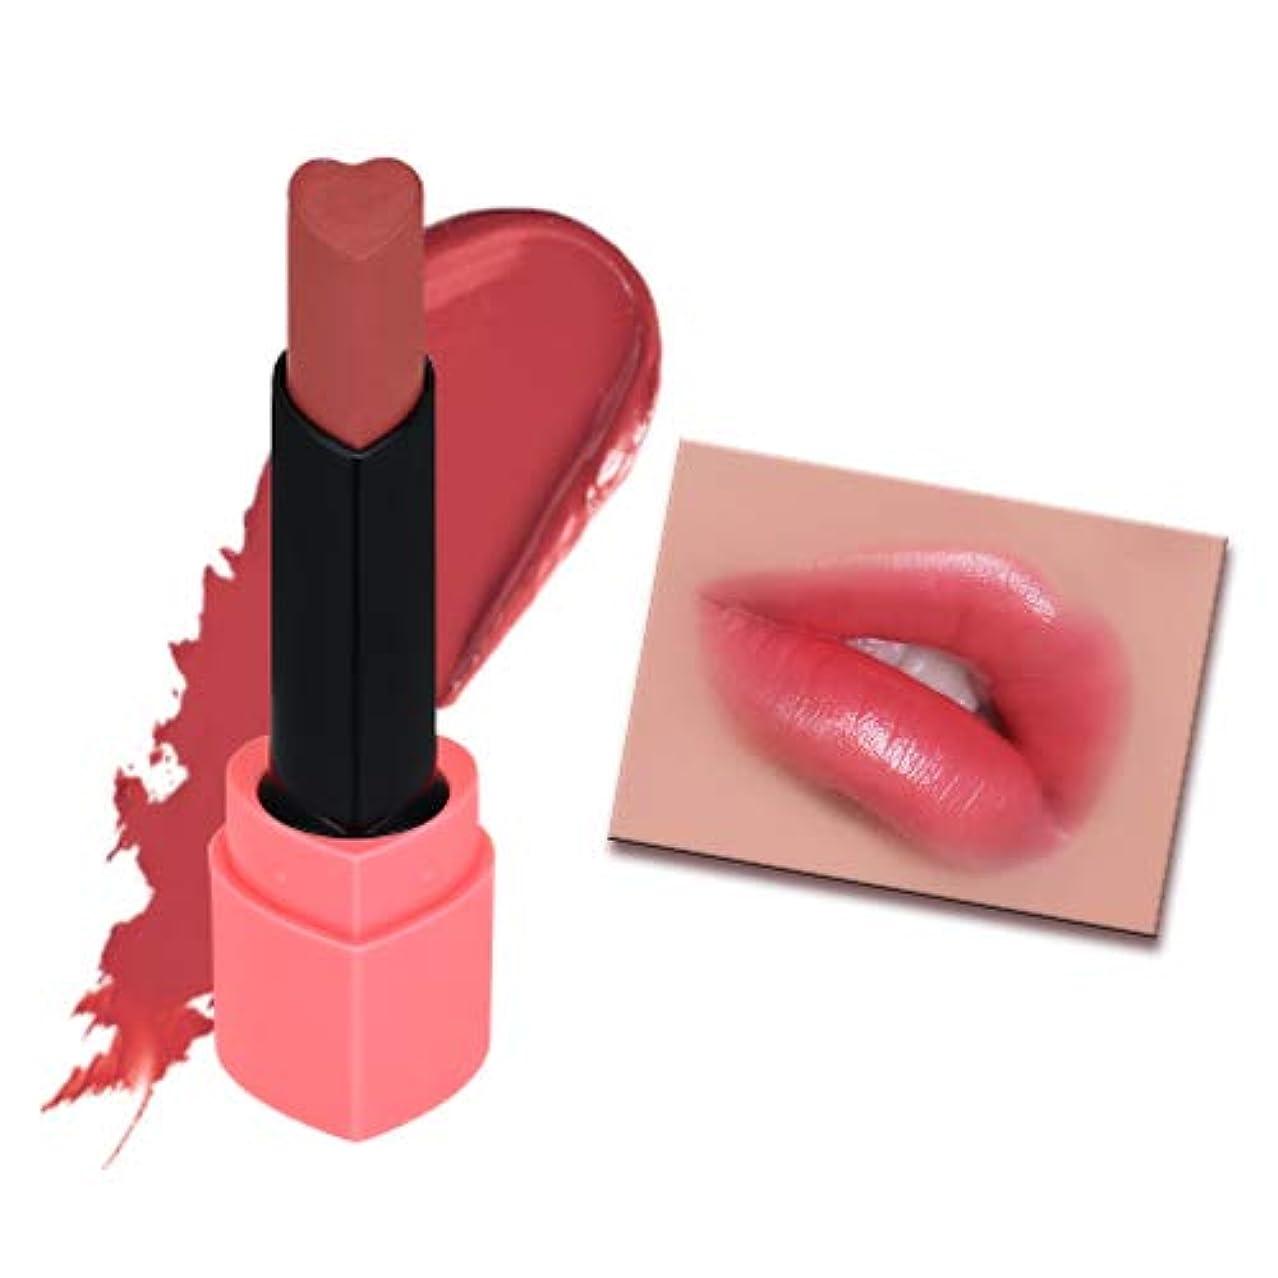 鉄潮ジェットホリカホリカ NEW!ハートクラッシュ口紅 [メルティング] / HOLIKAHOLIKA Heart Crush Melting Lipstick 1.8g (#PK04 プリムローズ) [並行輸入品]